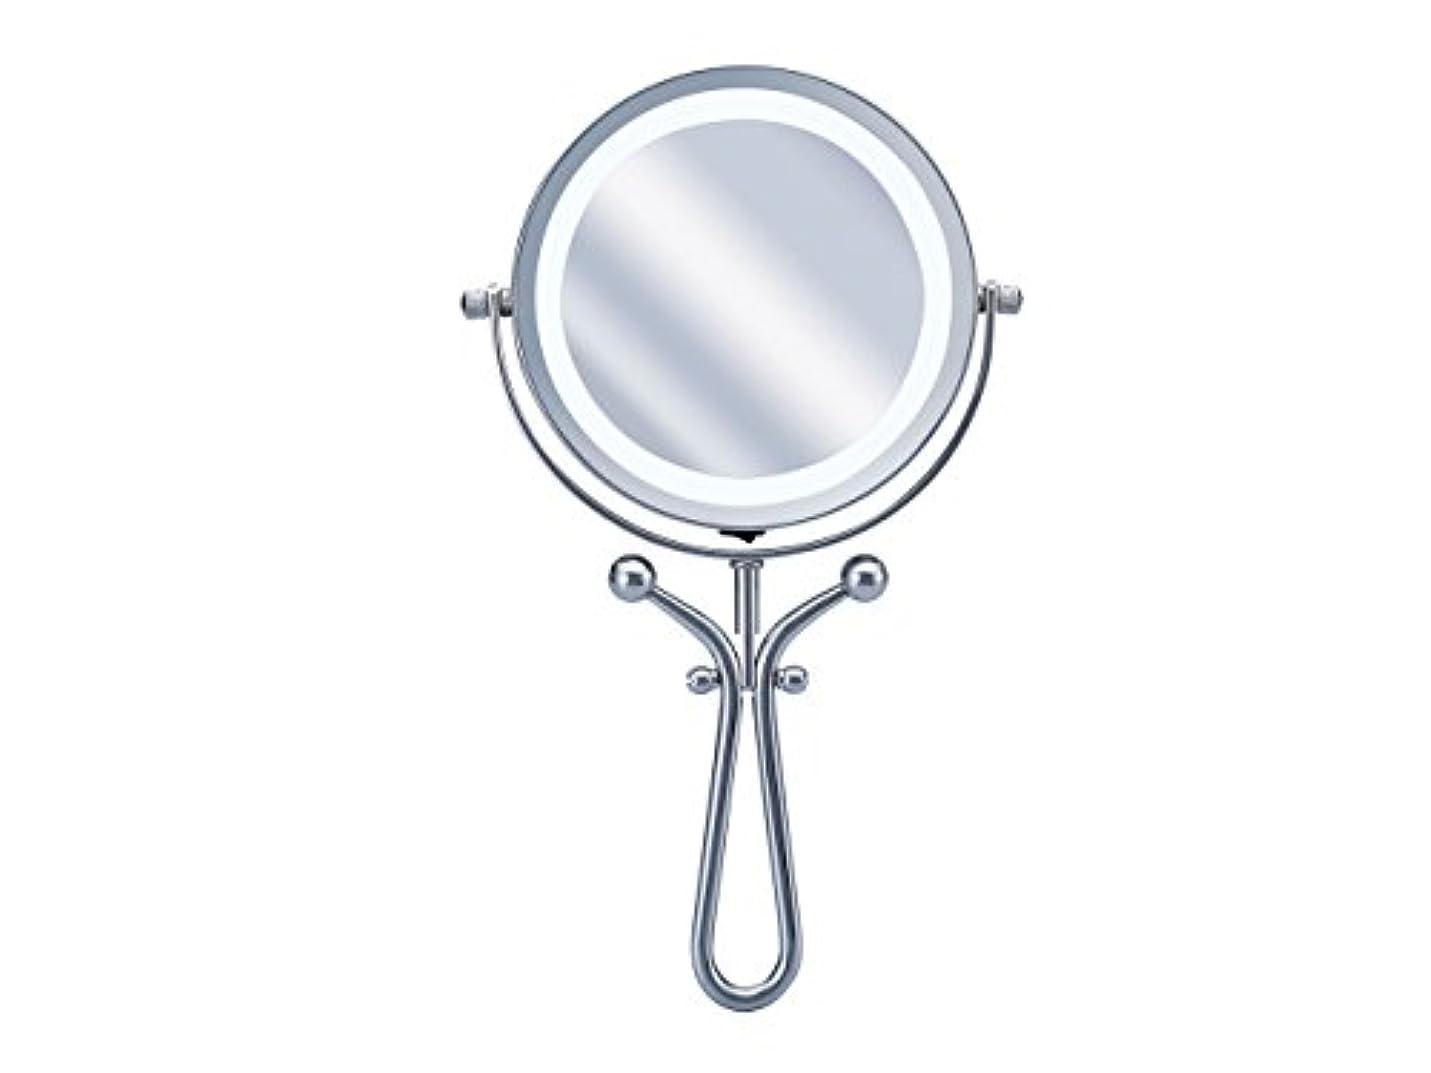 ヒップ毛皮ゲインセイコイズミ 拡大鏡 LEDライト付き 1倍/7倍 手鏡/卓上型φ115mm KBE-3030/S